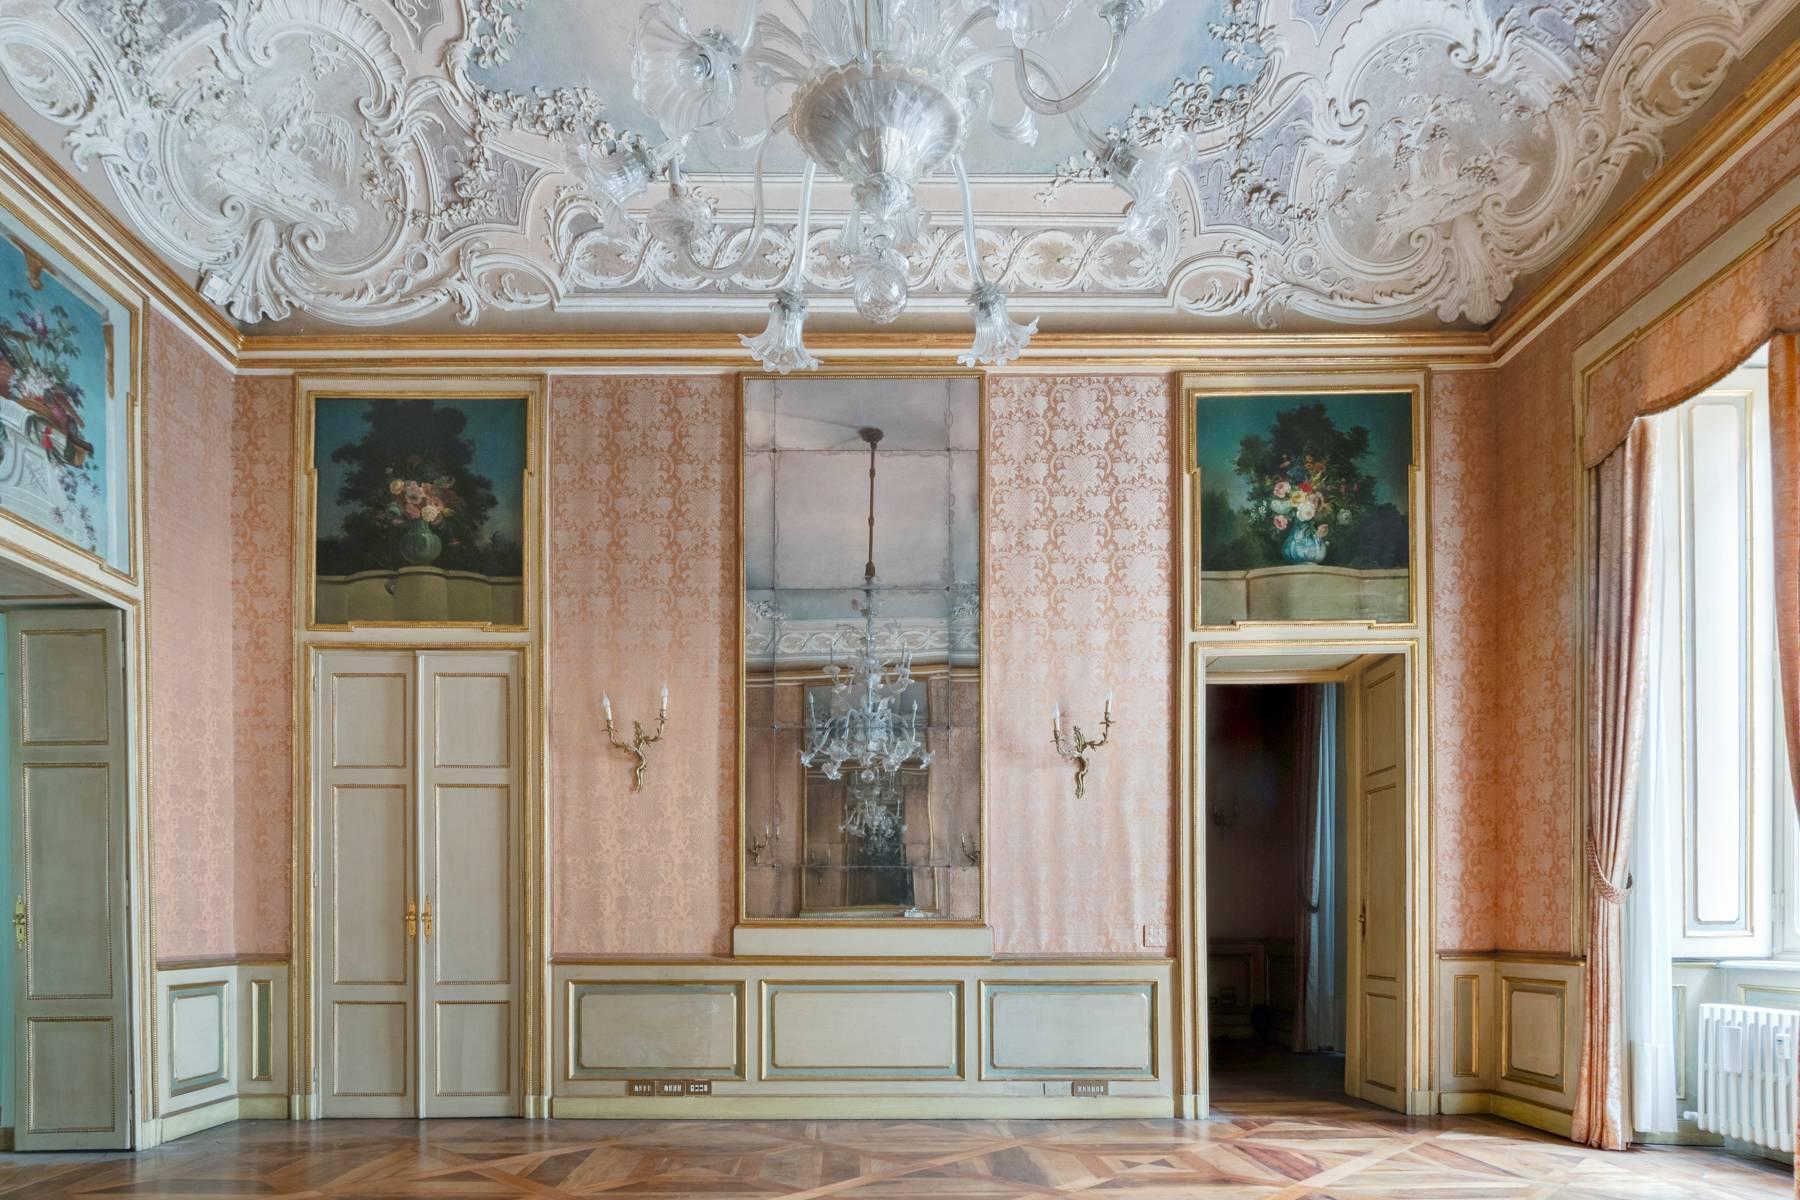 Superbe Appartement dans un palais historique - 15